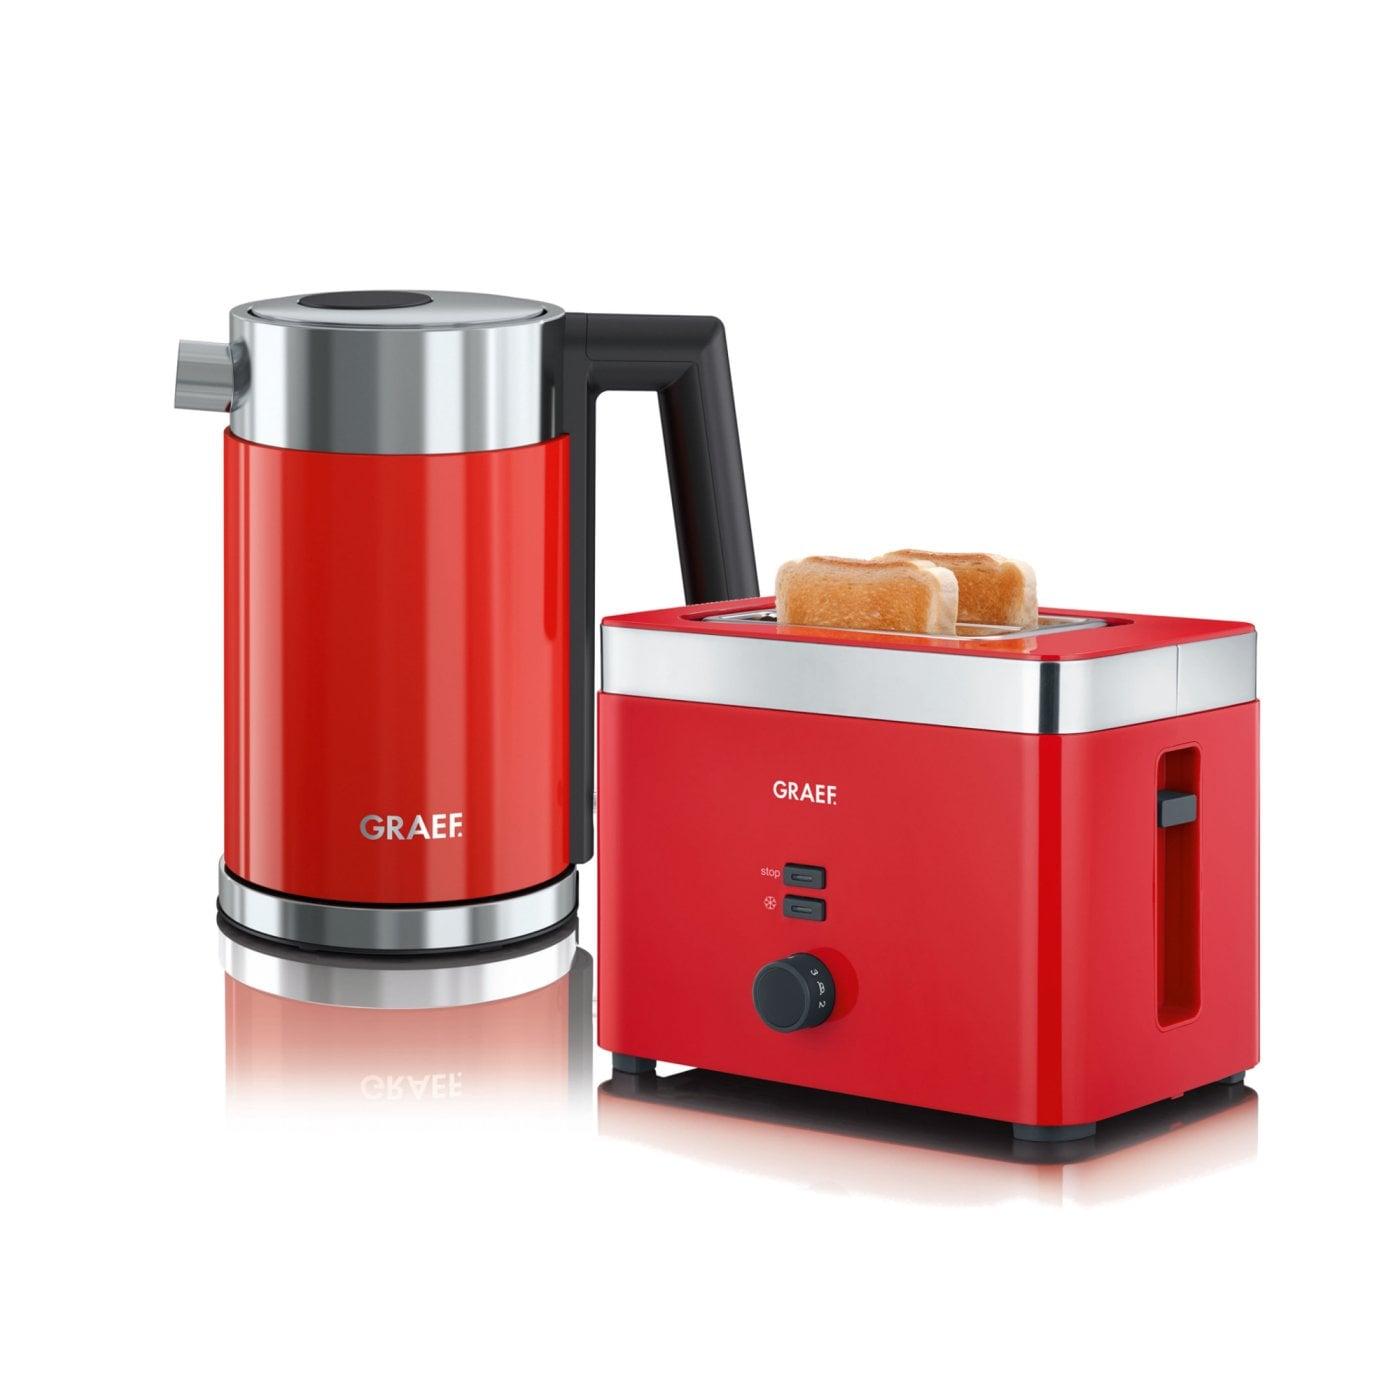 set wasserkocher toaster wk403eu und to63eu graef. Black Bedroom Furniture Sets. Home Design Ideas